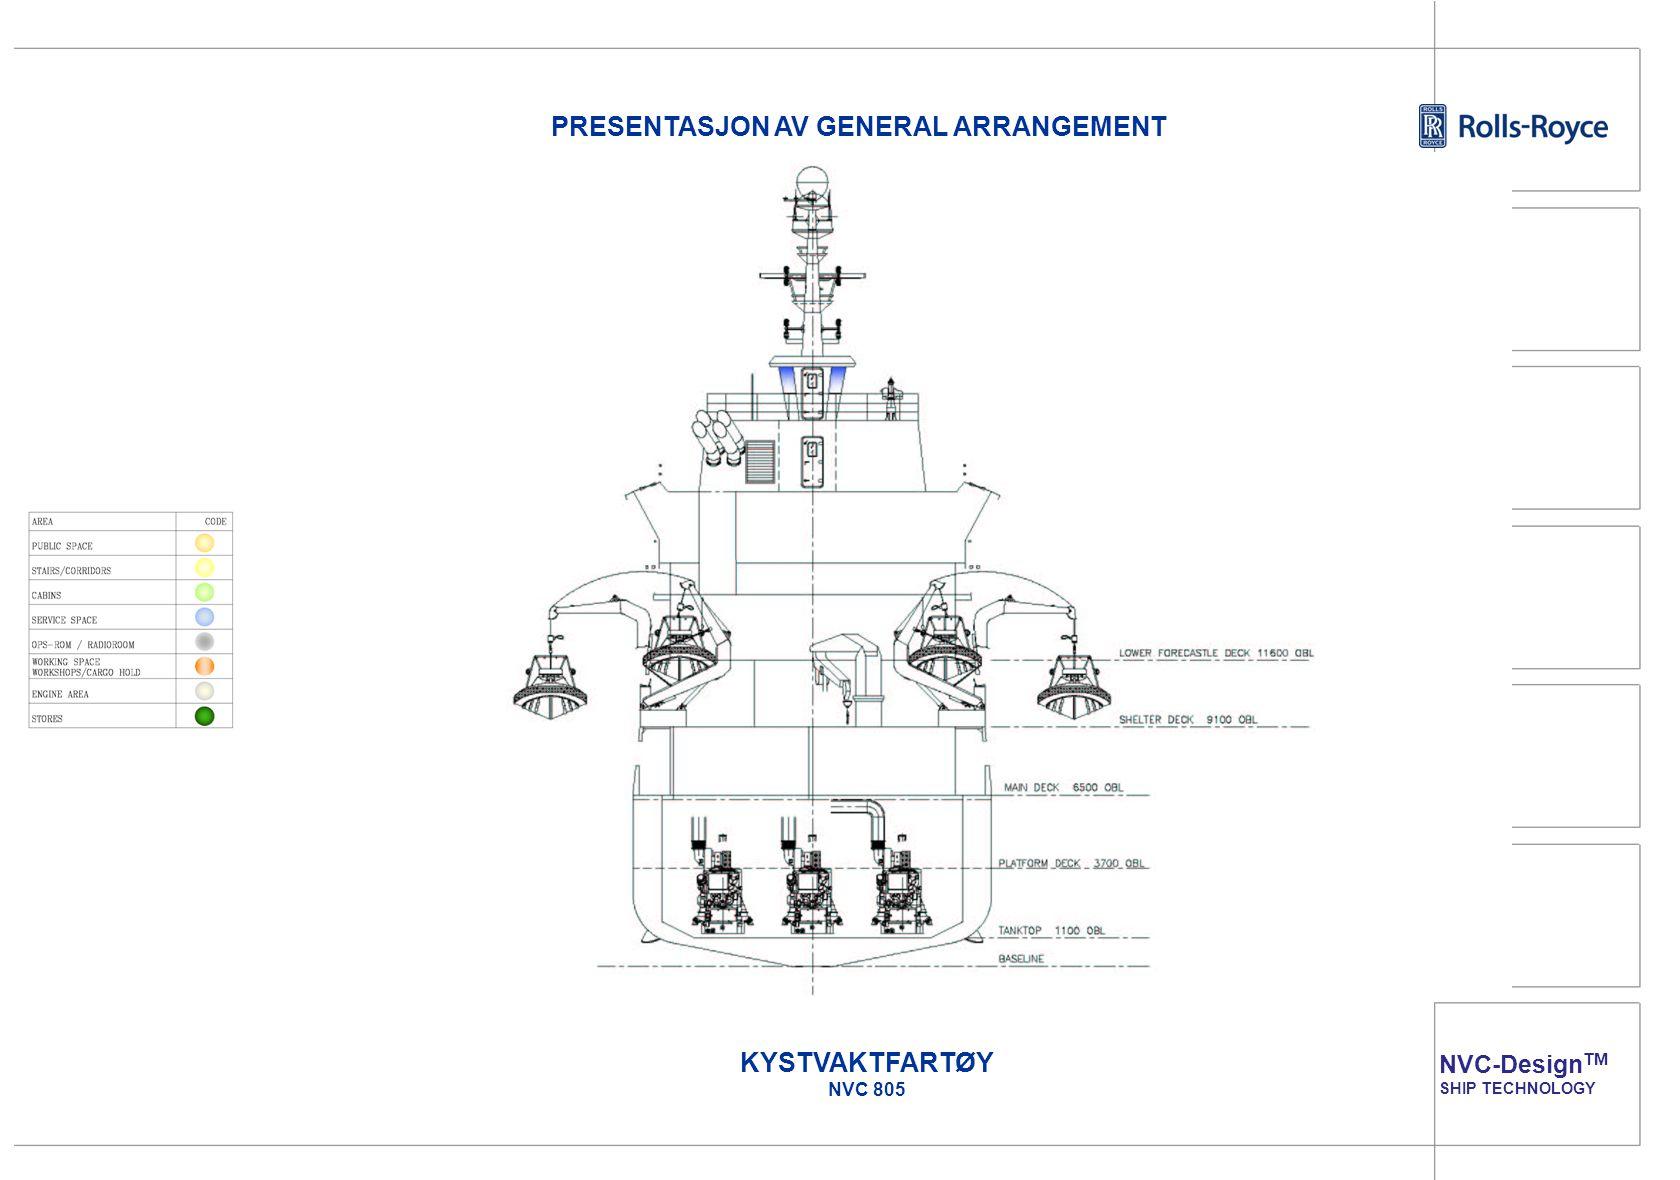 NVC-Design TM SHIP TECHNOLOGY KYSTVAKTFARTØY NVC 805 PRESENTASJON AV GENERAL ARRANGEMENT